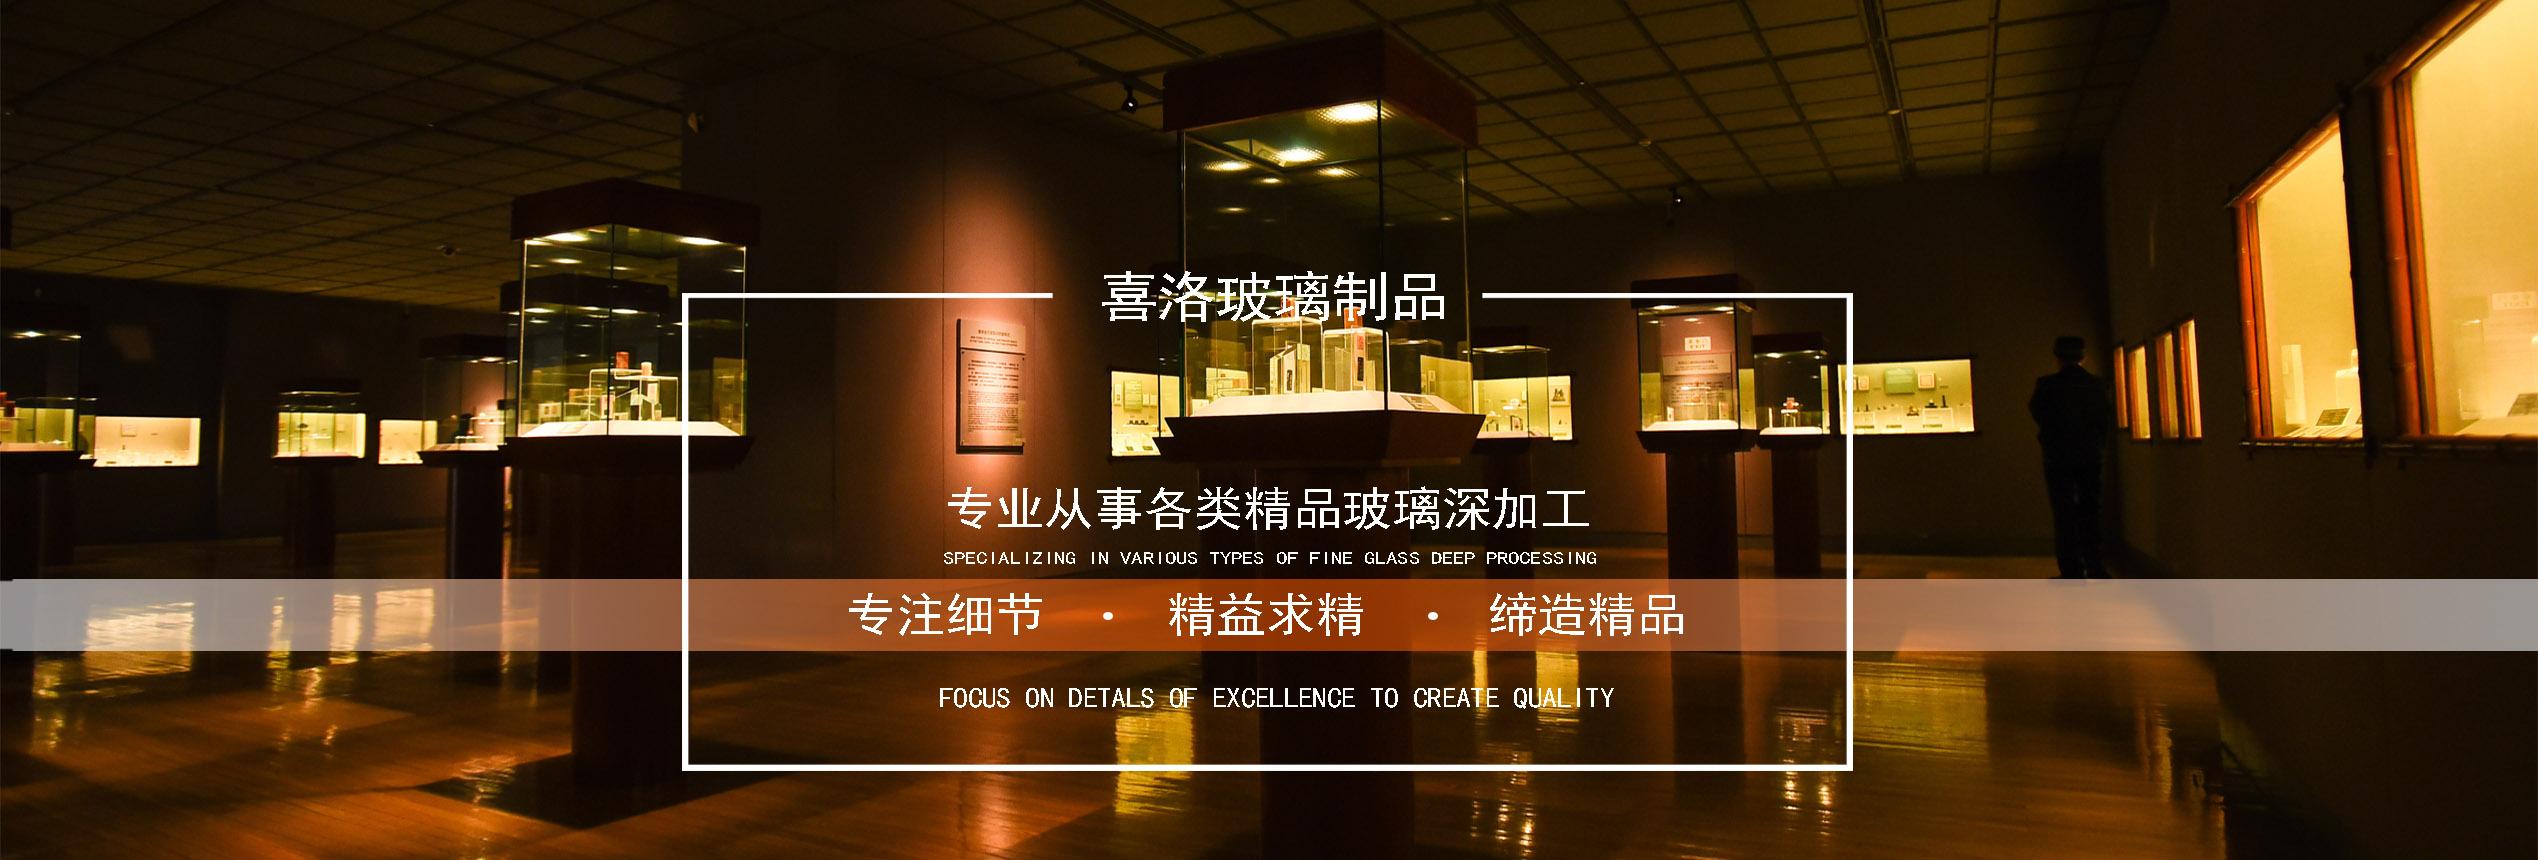 上海喜洛玻璃制品有限公司